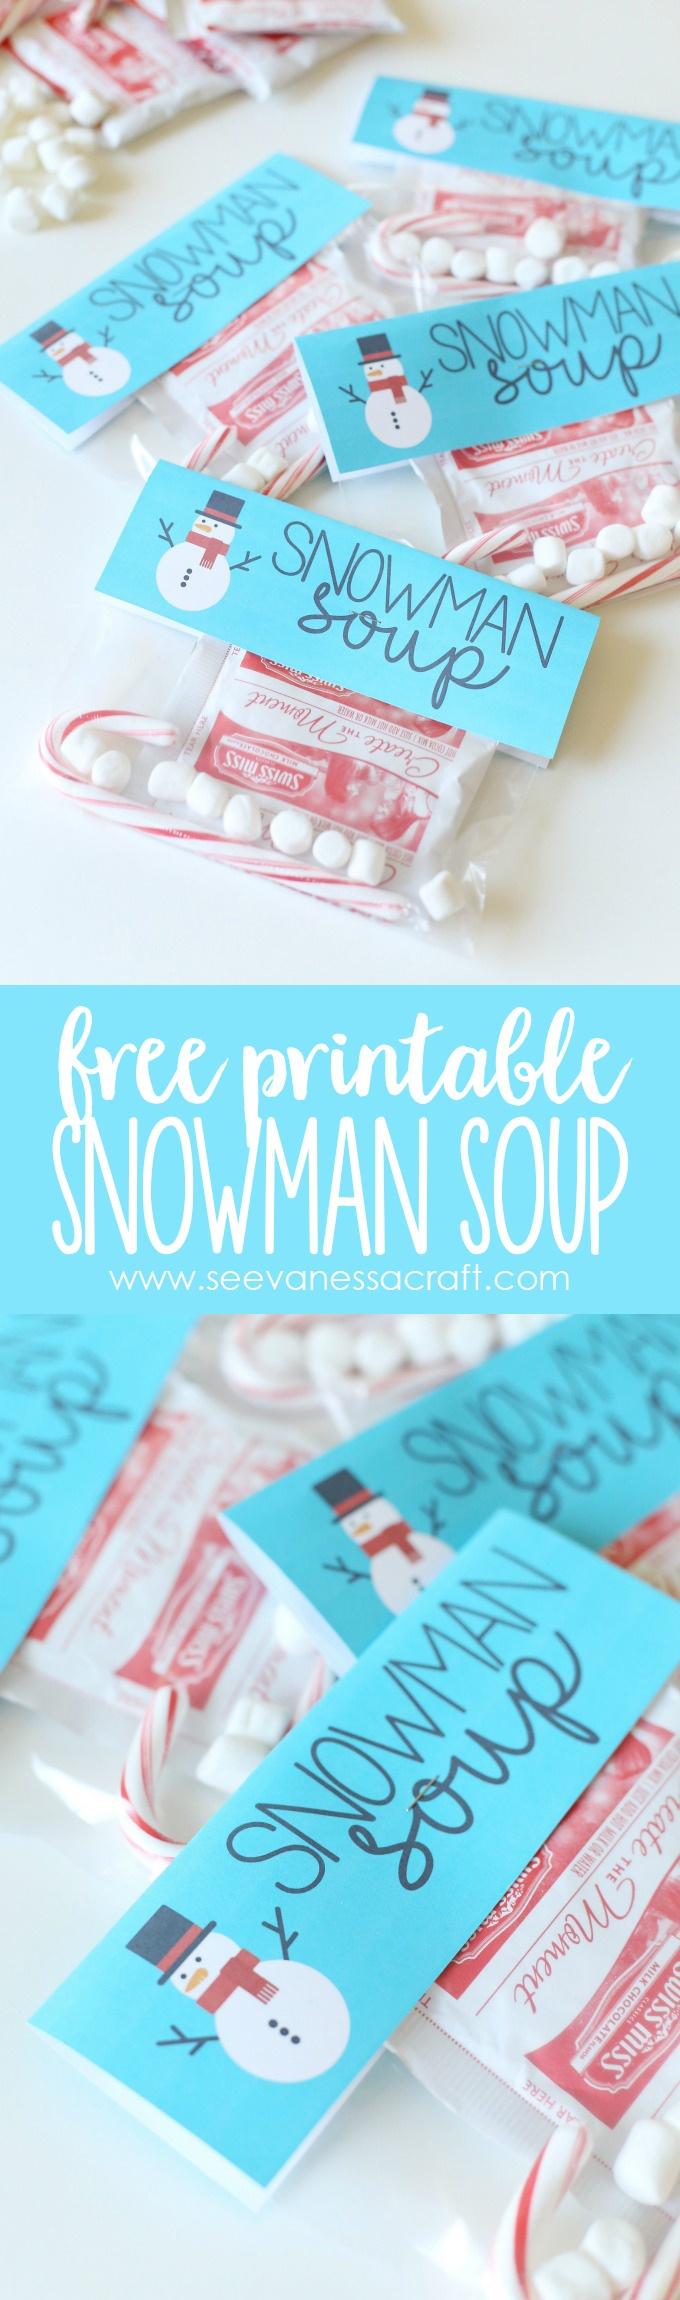 Christmas: Snowman Soup Printable Bag Topper - See Vanessa Craft - Snowman Soup Free Printable